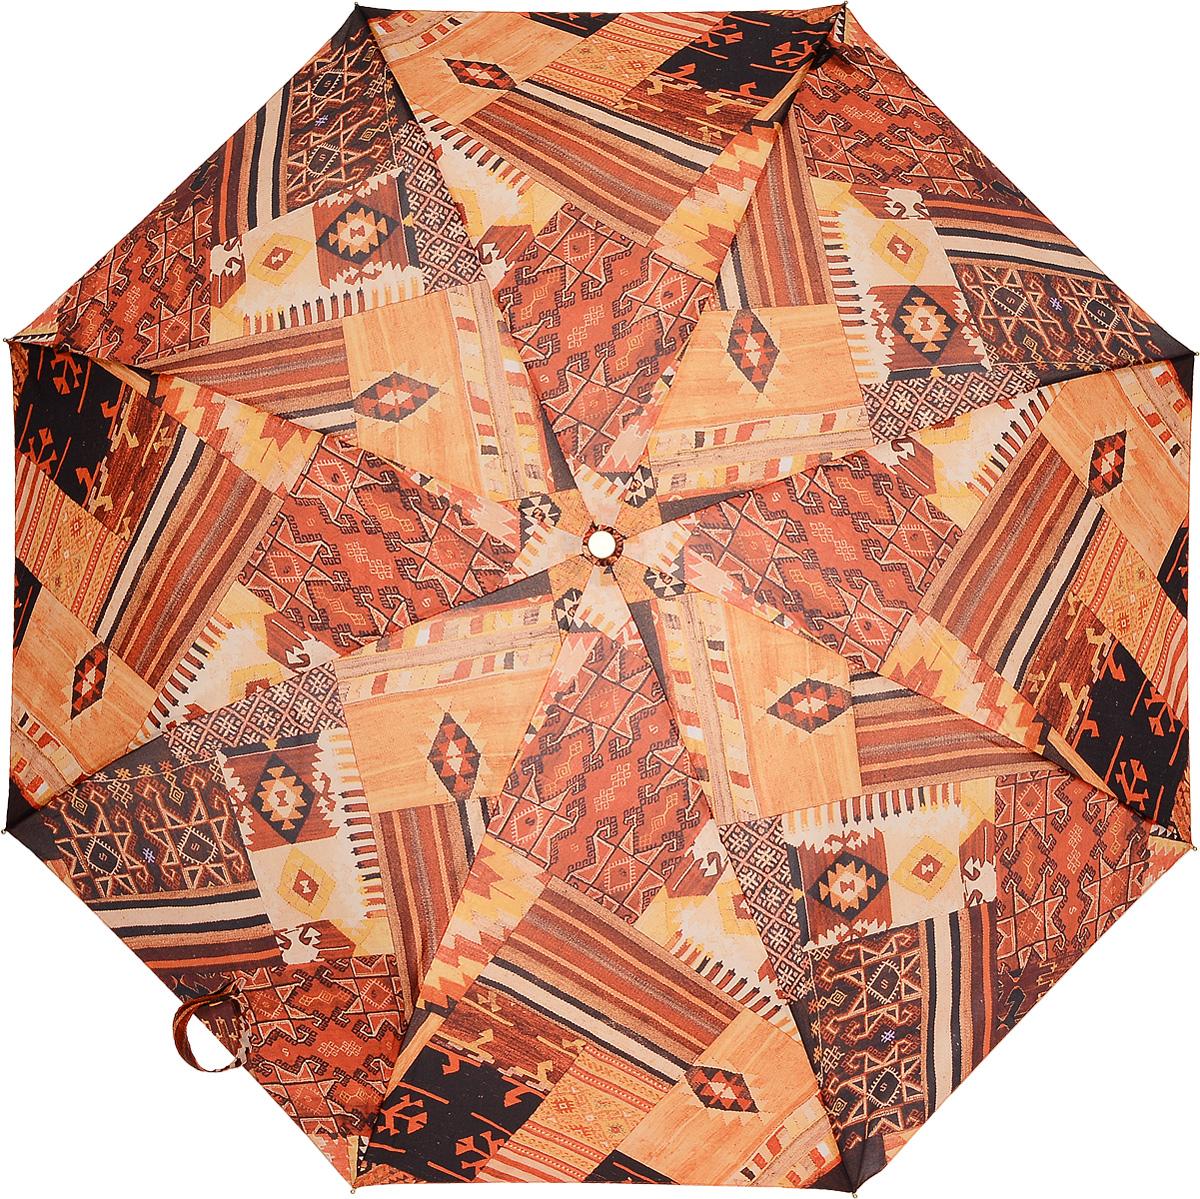 M&P 5867-2 Зонт полный автом. 3 сл. жен.45100019/18303/2900NЗонт испанского производителя Clima. В производстве зонтов используются современные материалы, что делает зонты легкими, но в то же время крепкими.Полный автомат, 3 сложения, 7 спиц, полиэстер.